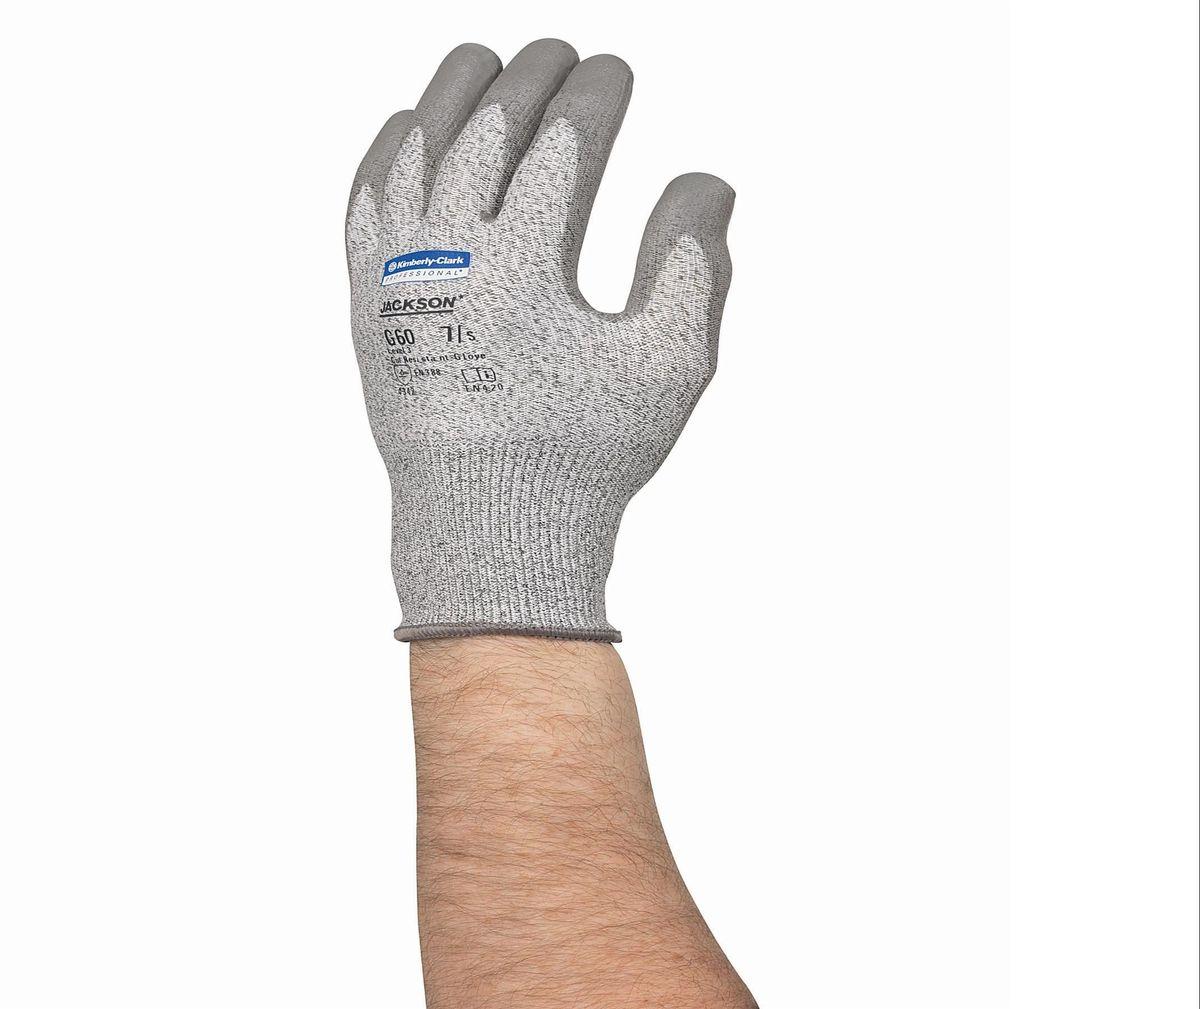 Перчатки хозяйственные Jackson Safety G60, размер 8 (M), стойкость 3, цвет: серый, 12 парCA-3505Ассортимент экономичных и долговечных защитных перчаток и нарукавников для условий работы, при которых существует риск порезов или защемления рук и предплечий работника. Идеальное решение для работ с острыми краями, участков металлообработки, работ со стеклом или картоном, а также сборочных операций в автомобилестроении; СИЗ категории II (CE Intermediate), 3-й уровень защиты от порезов и высокий уровень стойкости к истиранию (4 - EN 388); превосходная защита от порезов и защемлений благодаря использованию патентованного материала Dyneema® со стальной нитью; соответствуют нормам EN420 по минимальной длине манжеты для защиты запястья; отличная воздухопроницаемость и отвод тепла.Формат поставки: пара не содержащих латекс перчаток; индивидуальный дизайн для левой и правой руки; возможность стирки, пять размеров с цветовой кодировкой манжет.Размер:13823 - S (7)13824 - M (8)13825 - L (9)13826 - XL (10)13827 - XXL (11)